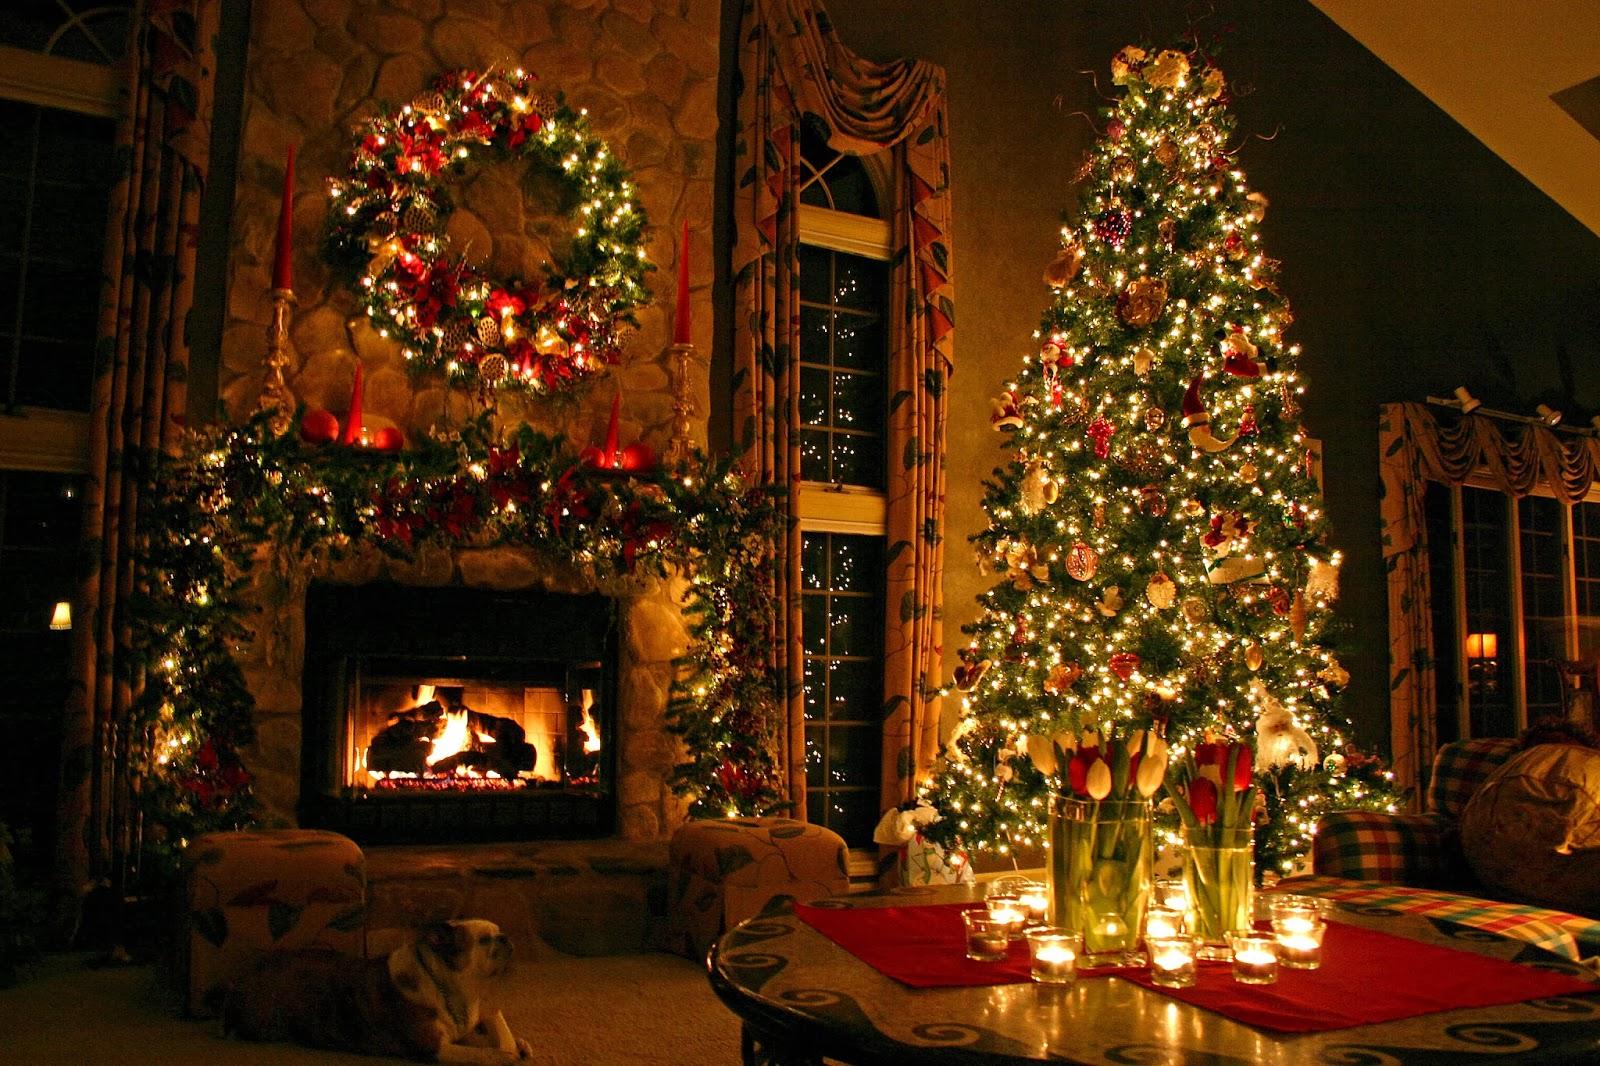 Christmas tree hd wallpaper hd wallpapers blog - Holiday wallpaper hd ...